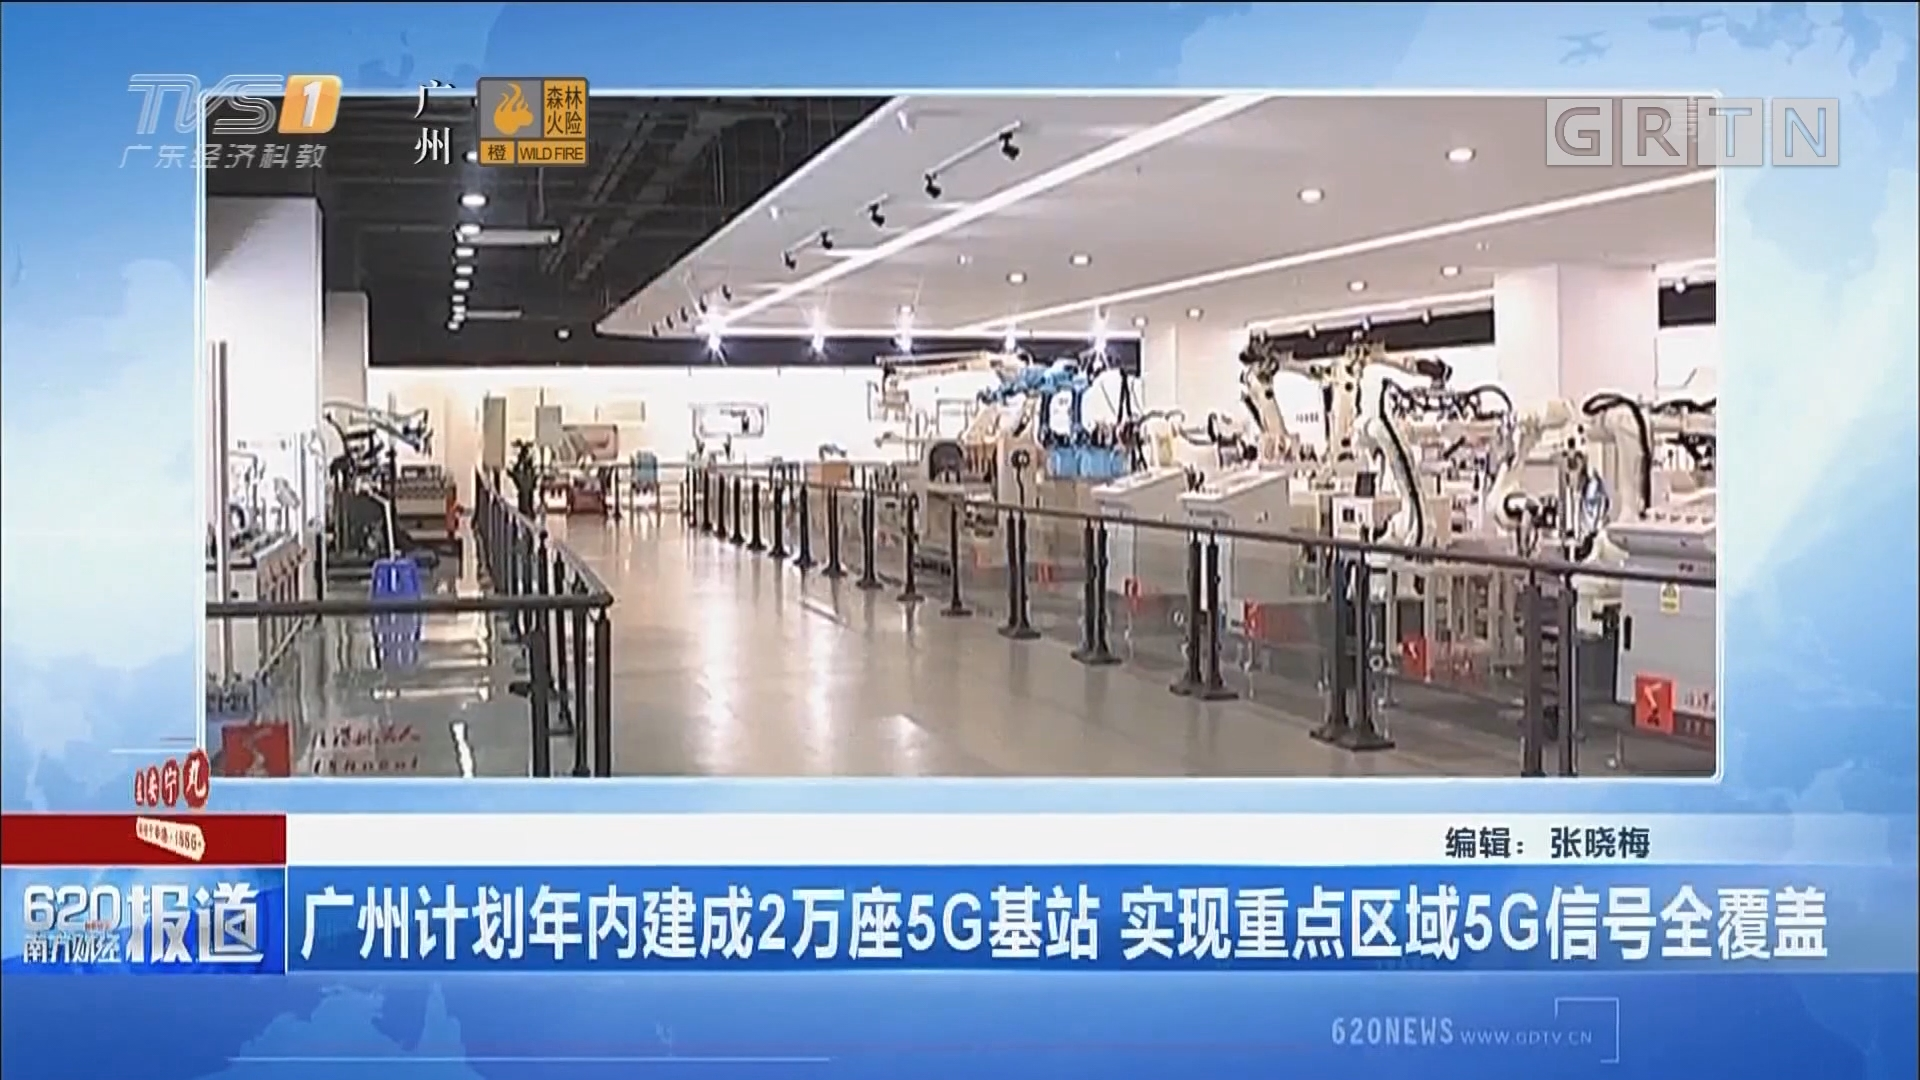 广州计划年内建成2万座5G基站 实现重点区域5G信号全覆盖